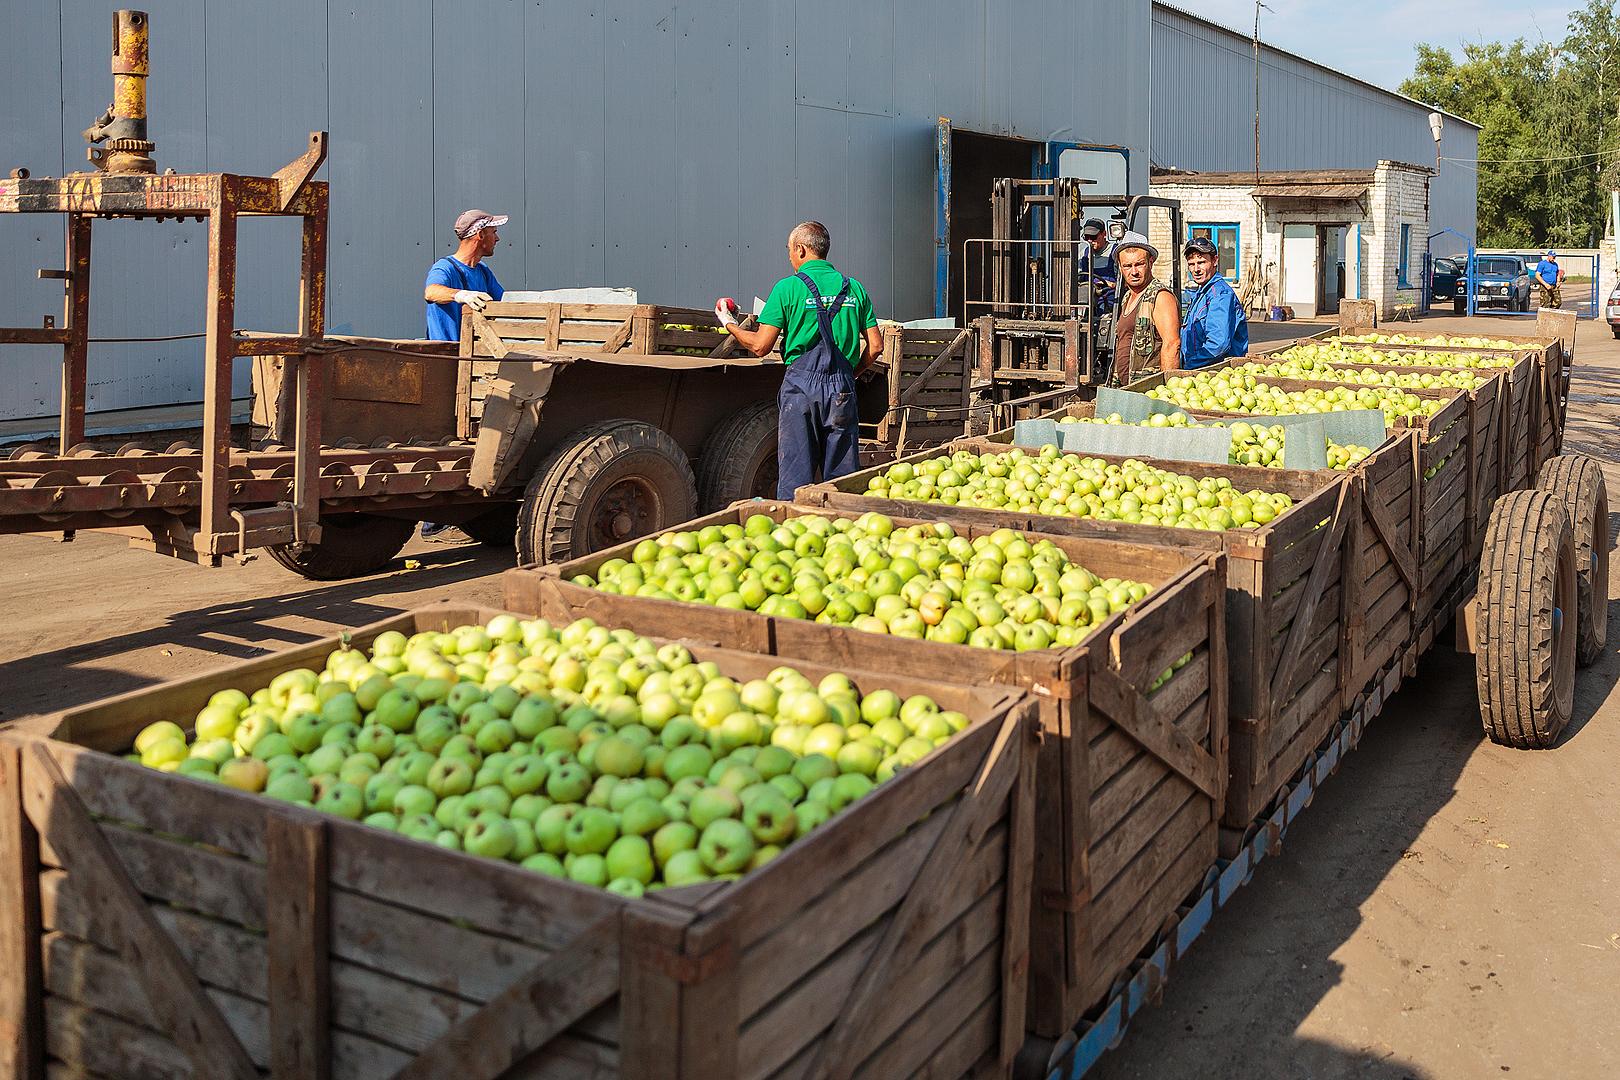 Spécialisée principalement dans la vente de pommes aux fabricants de jus et compotes, s'est tournée vers le marché du frais